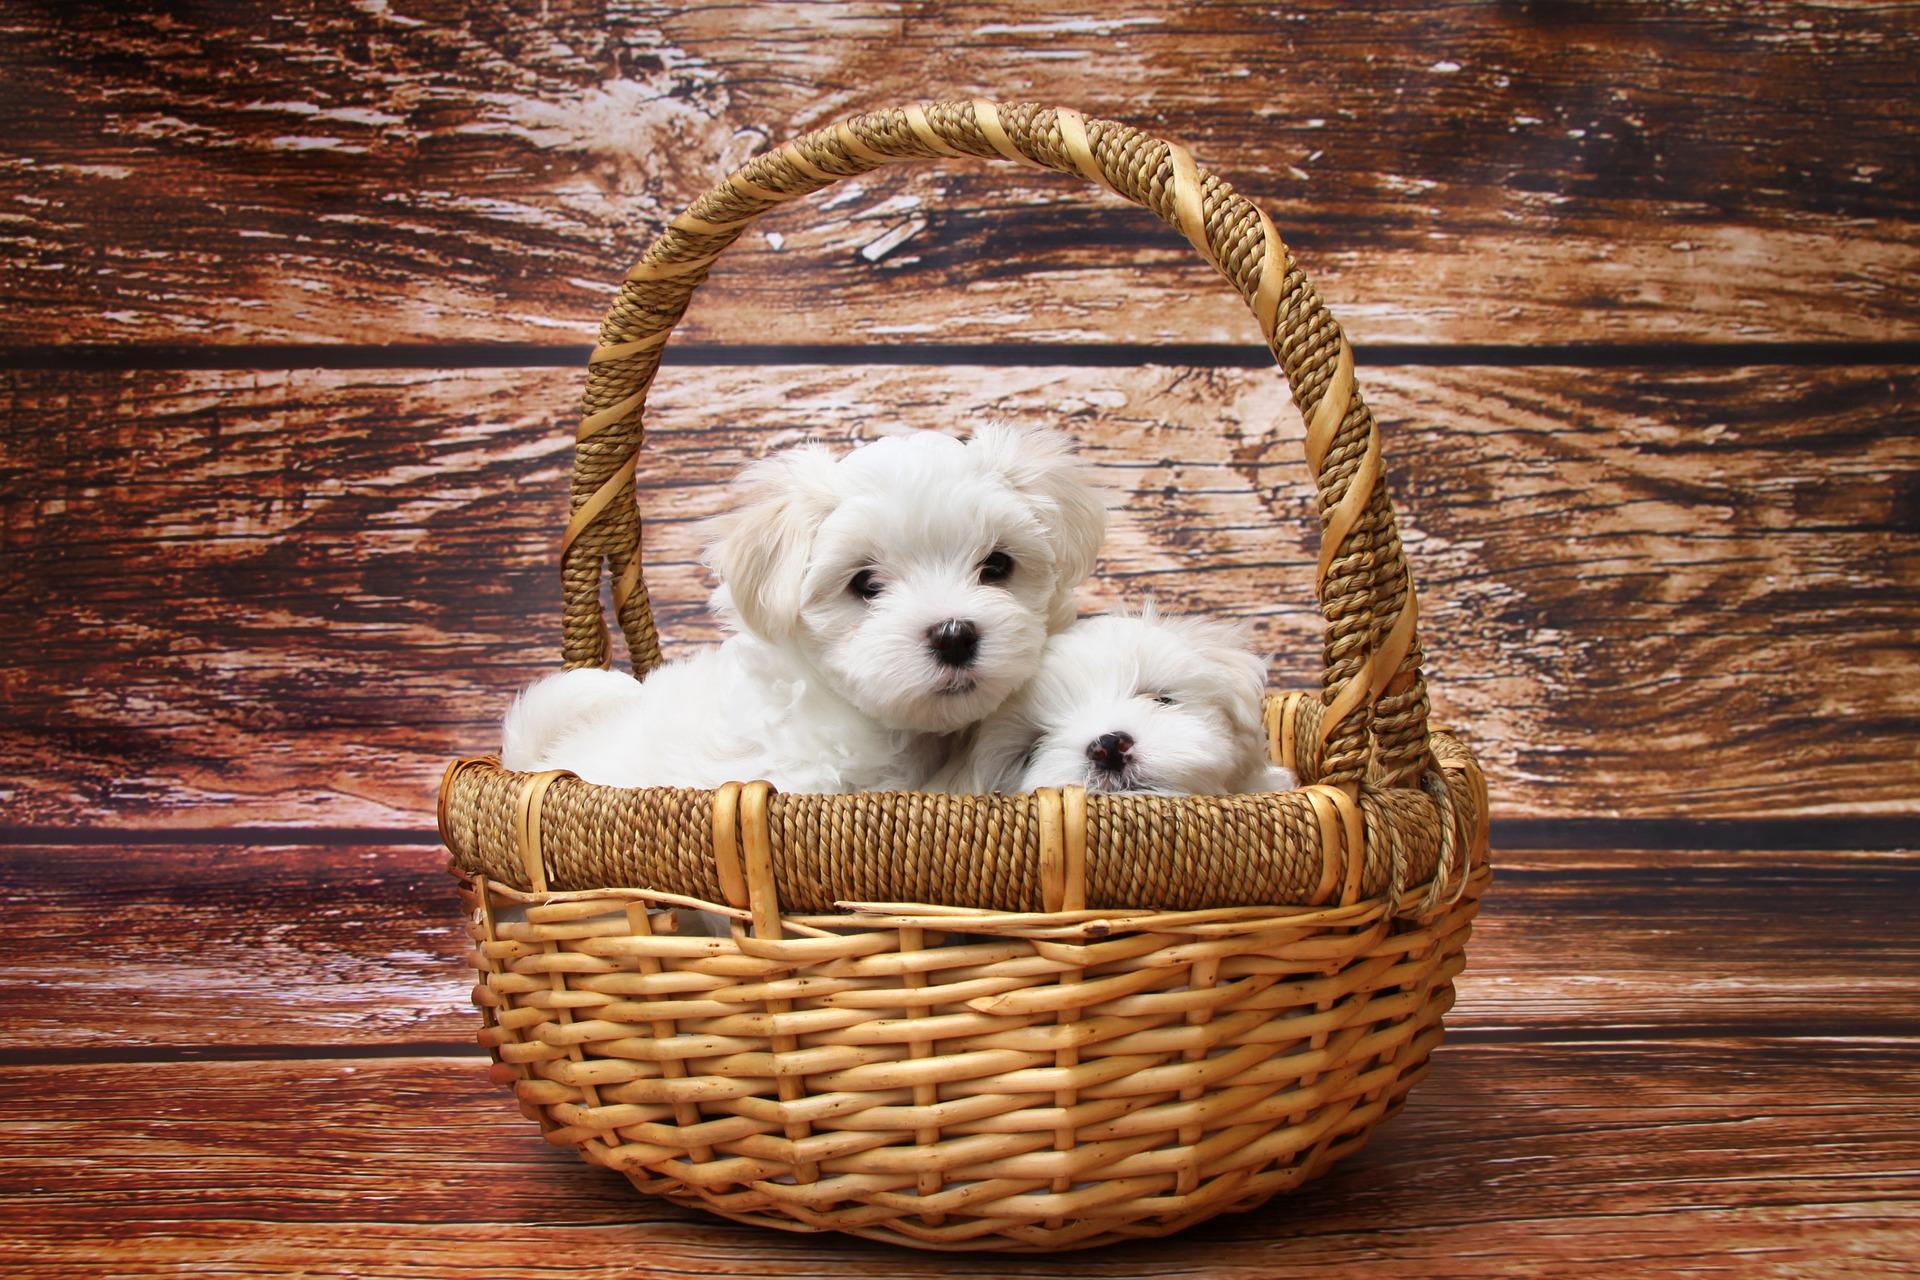 犬にチョコレートを与えるのはダメ?その理由と対処法紹介!